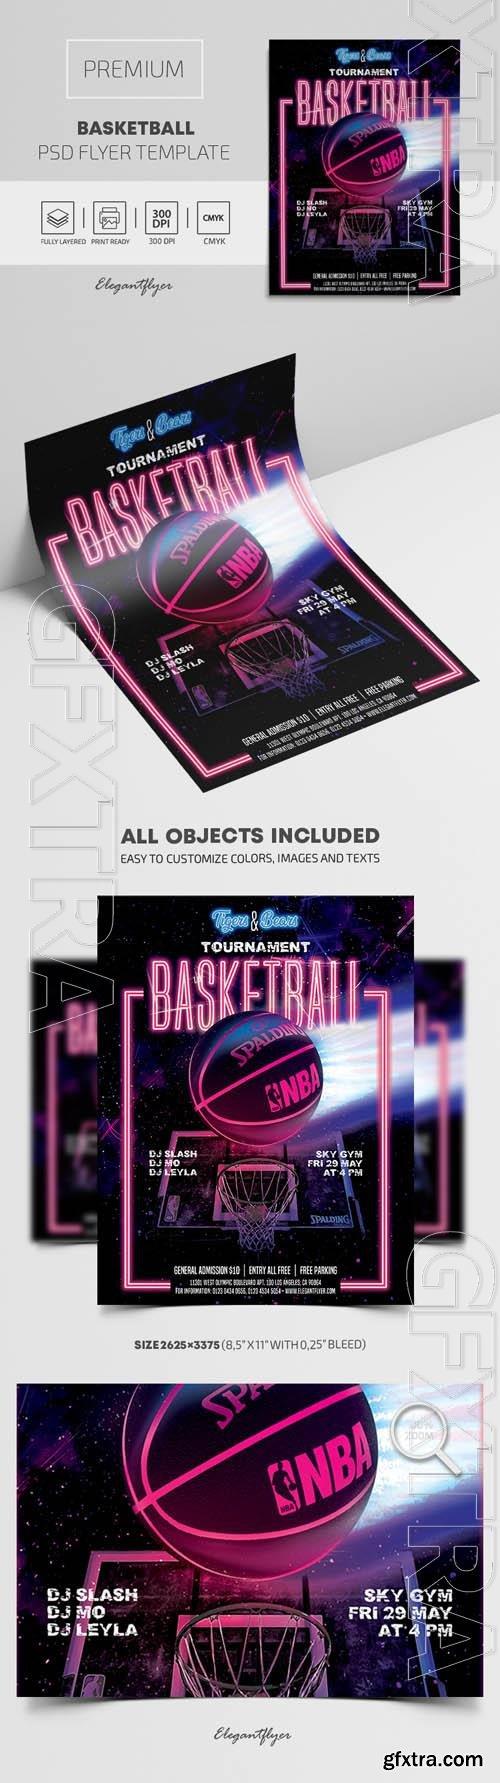 Basketball Premium PSD Flyer Template